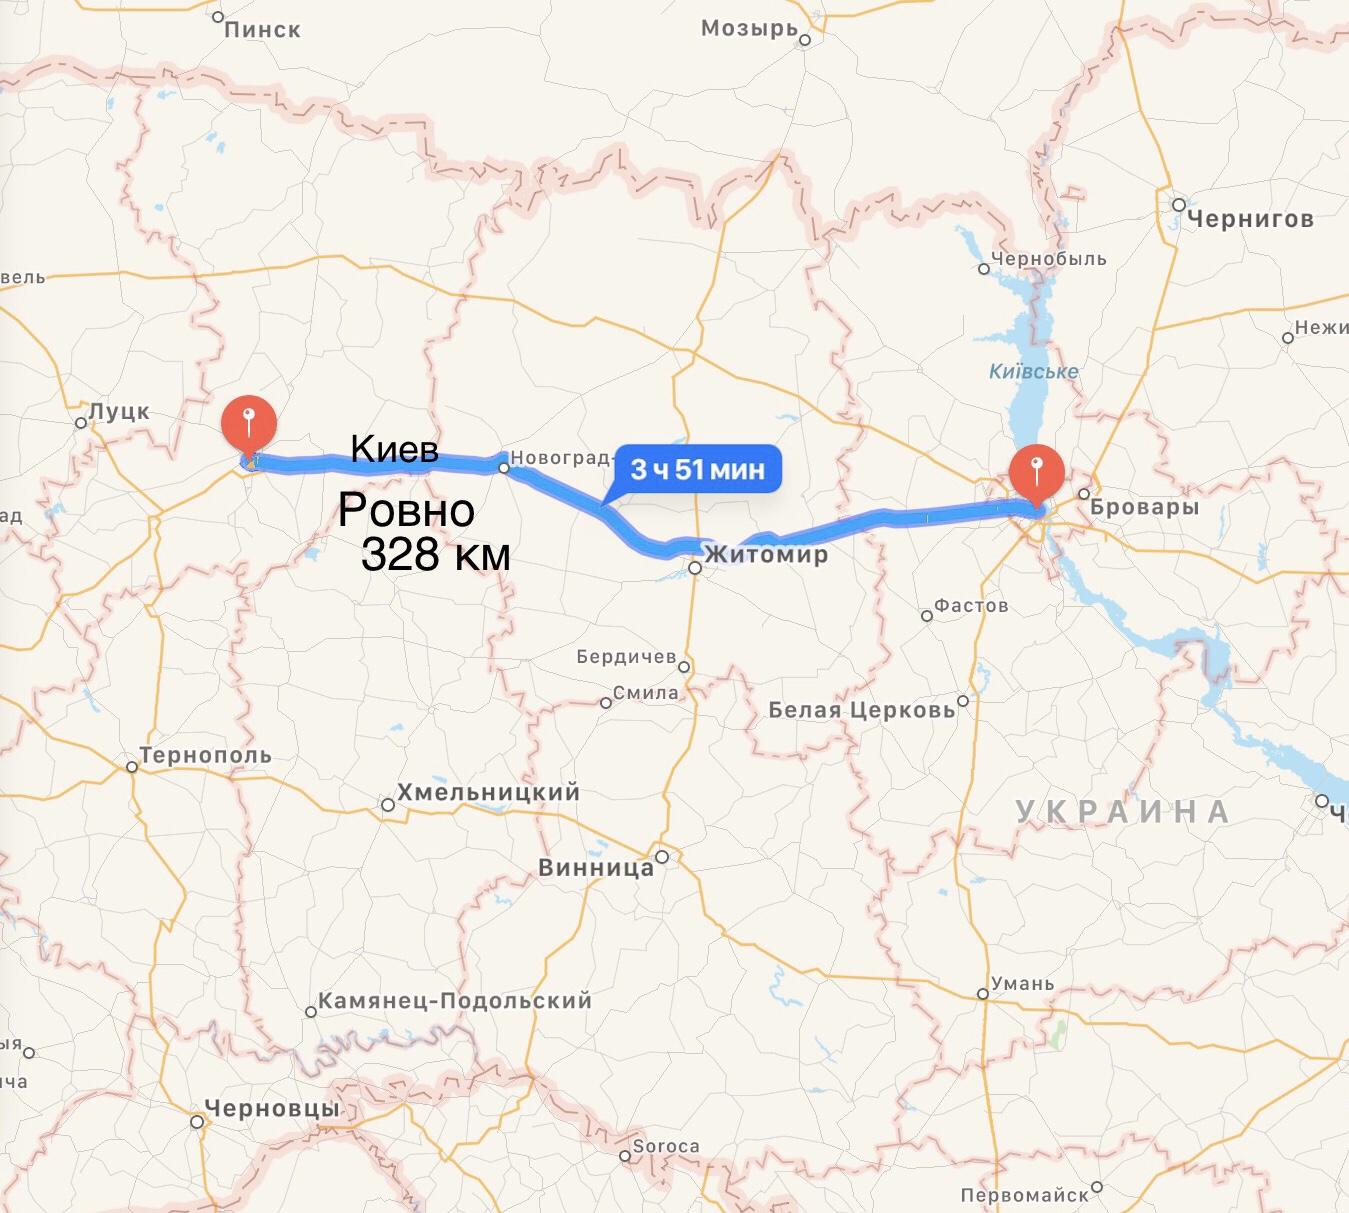 Грузоперевозки Киев – Ровно